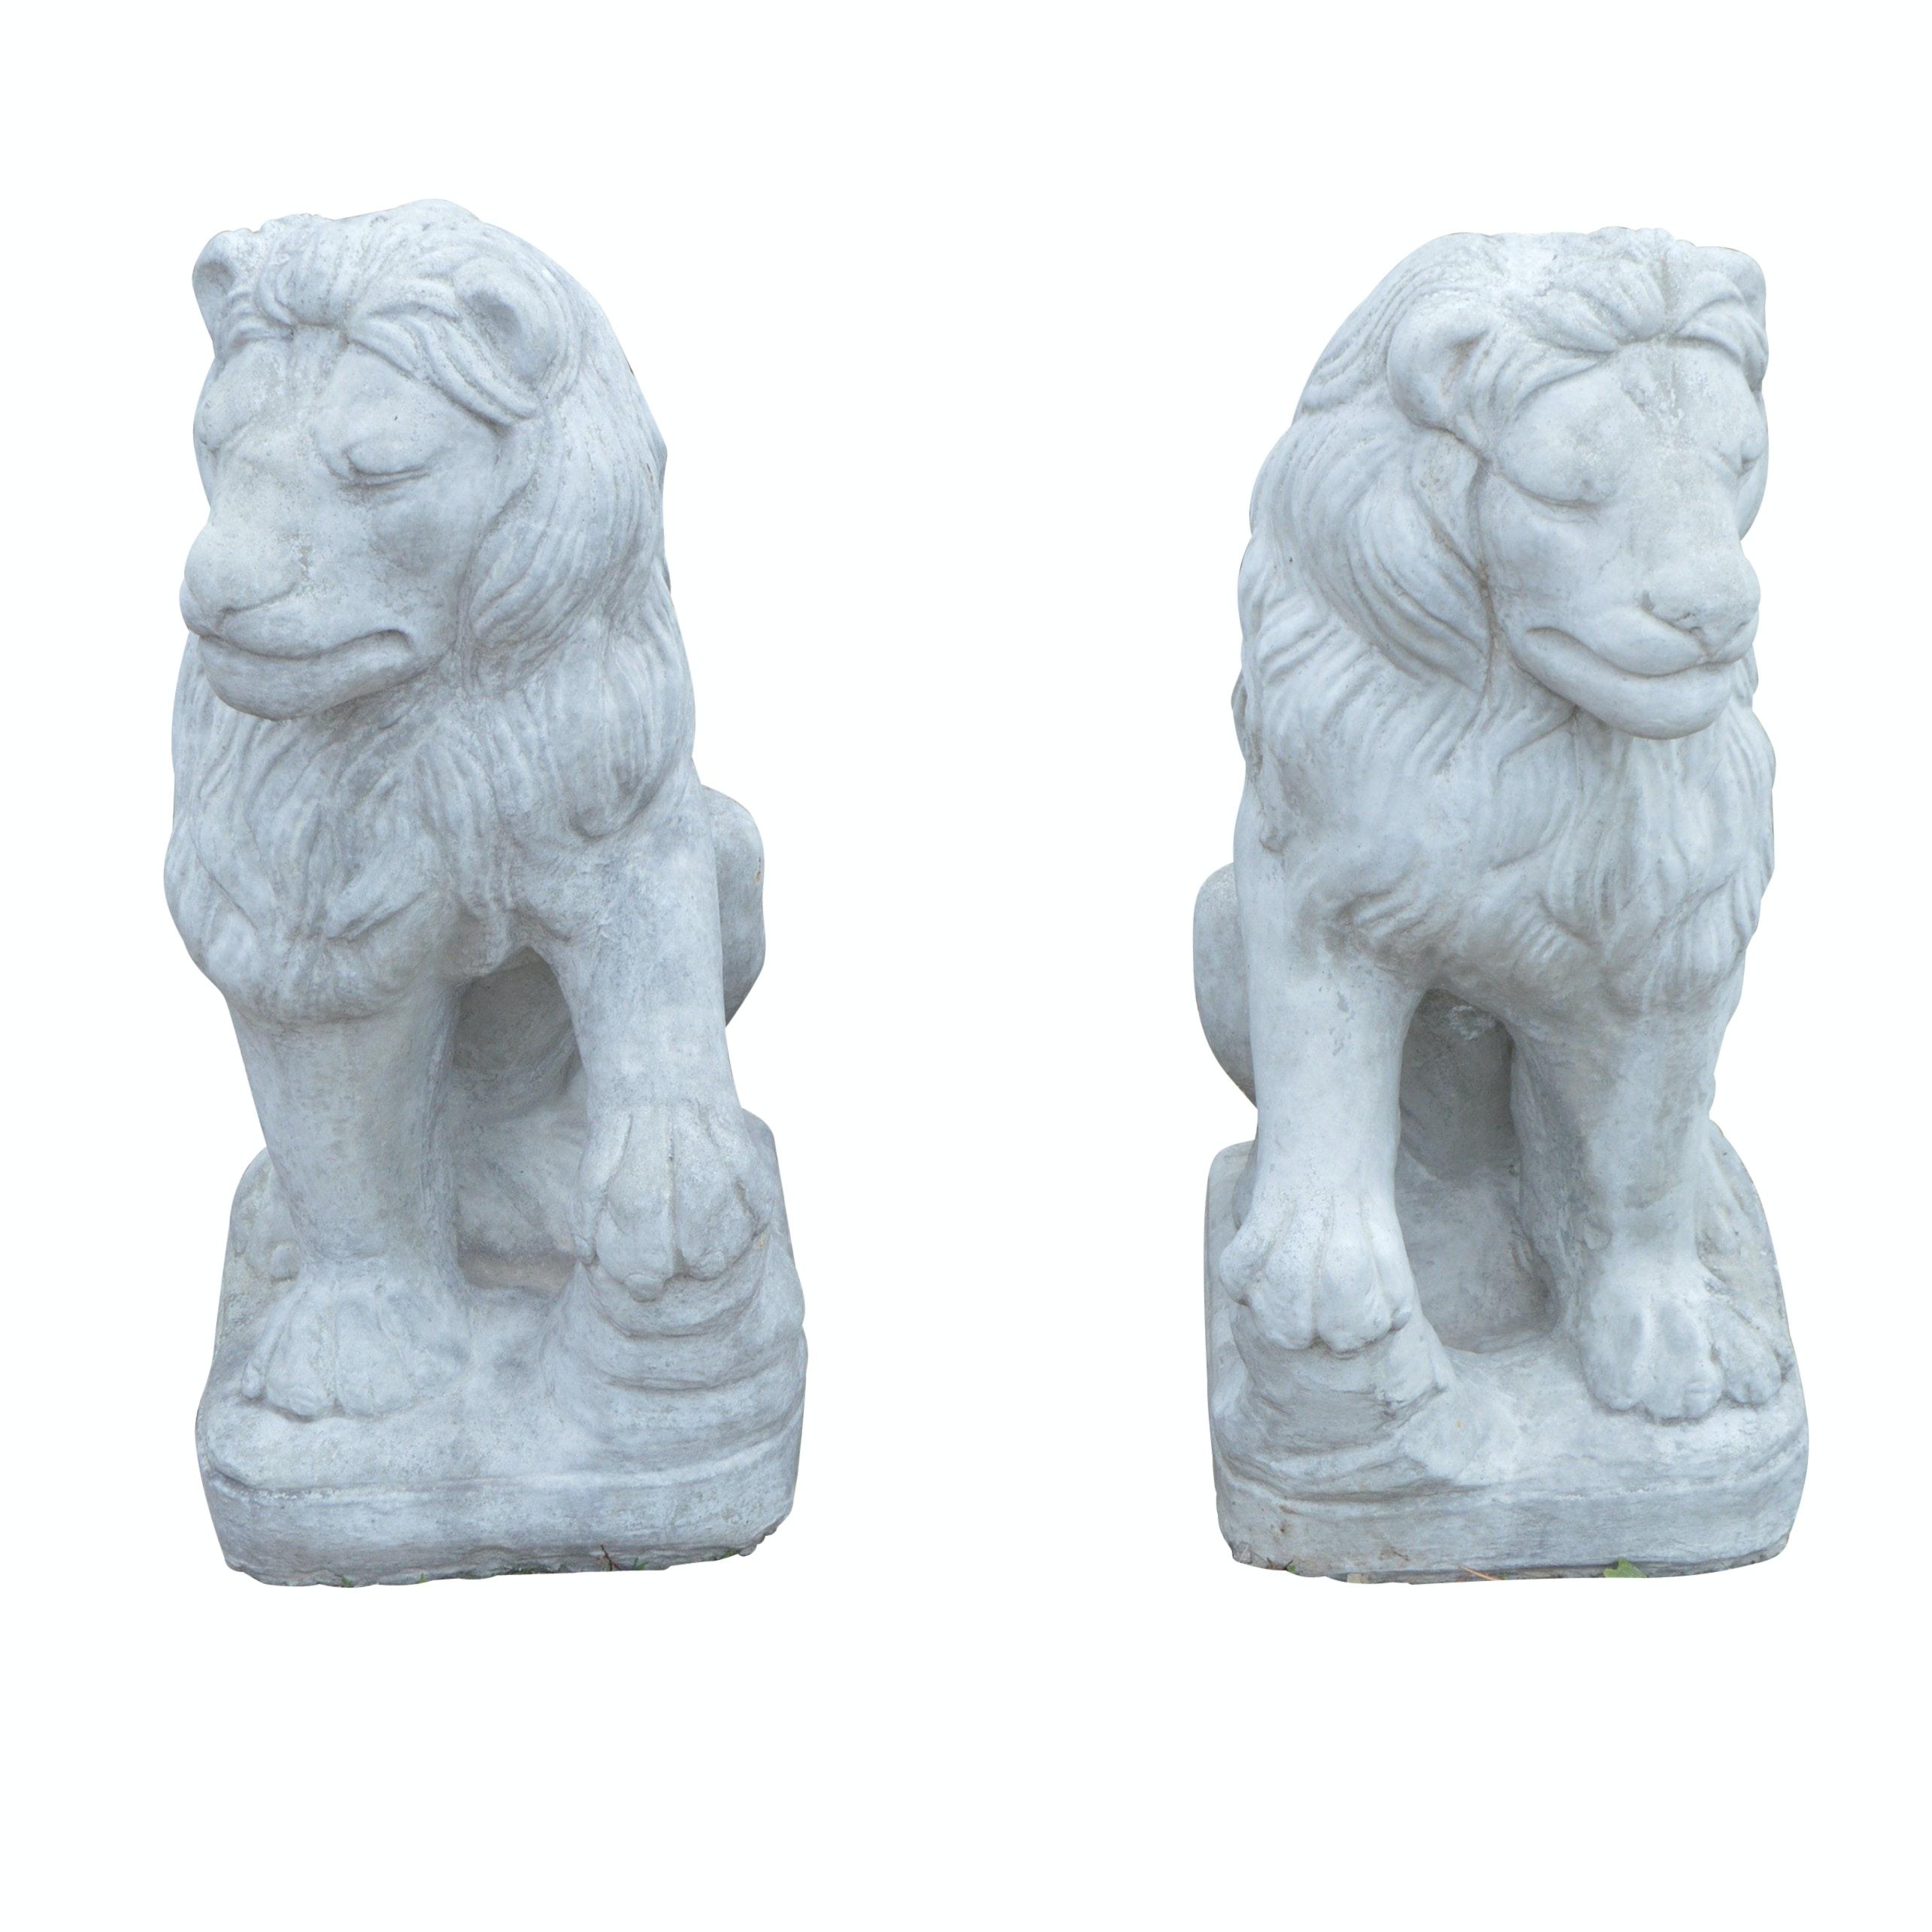 Cast Stone Lion Garden Statues